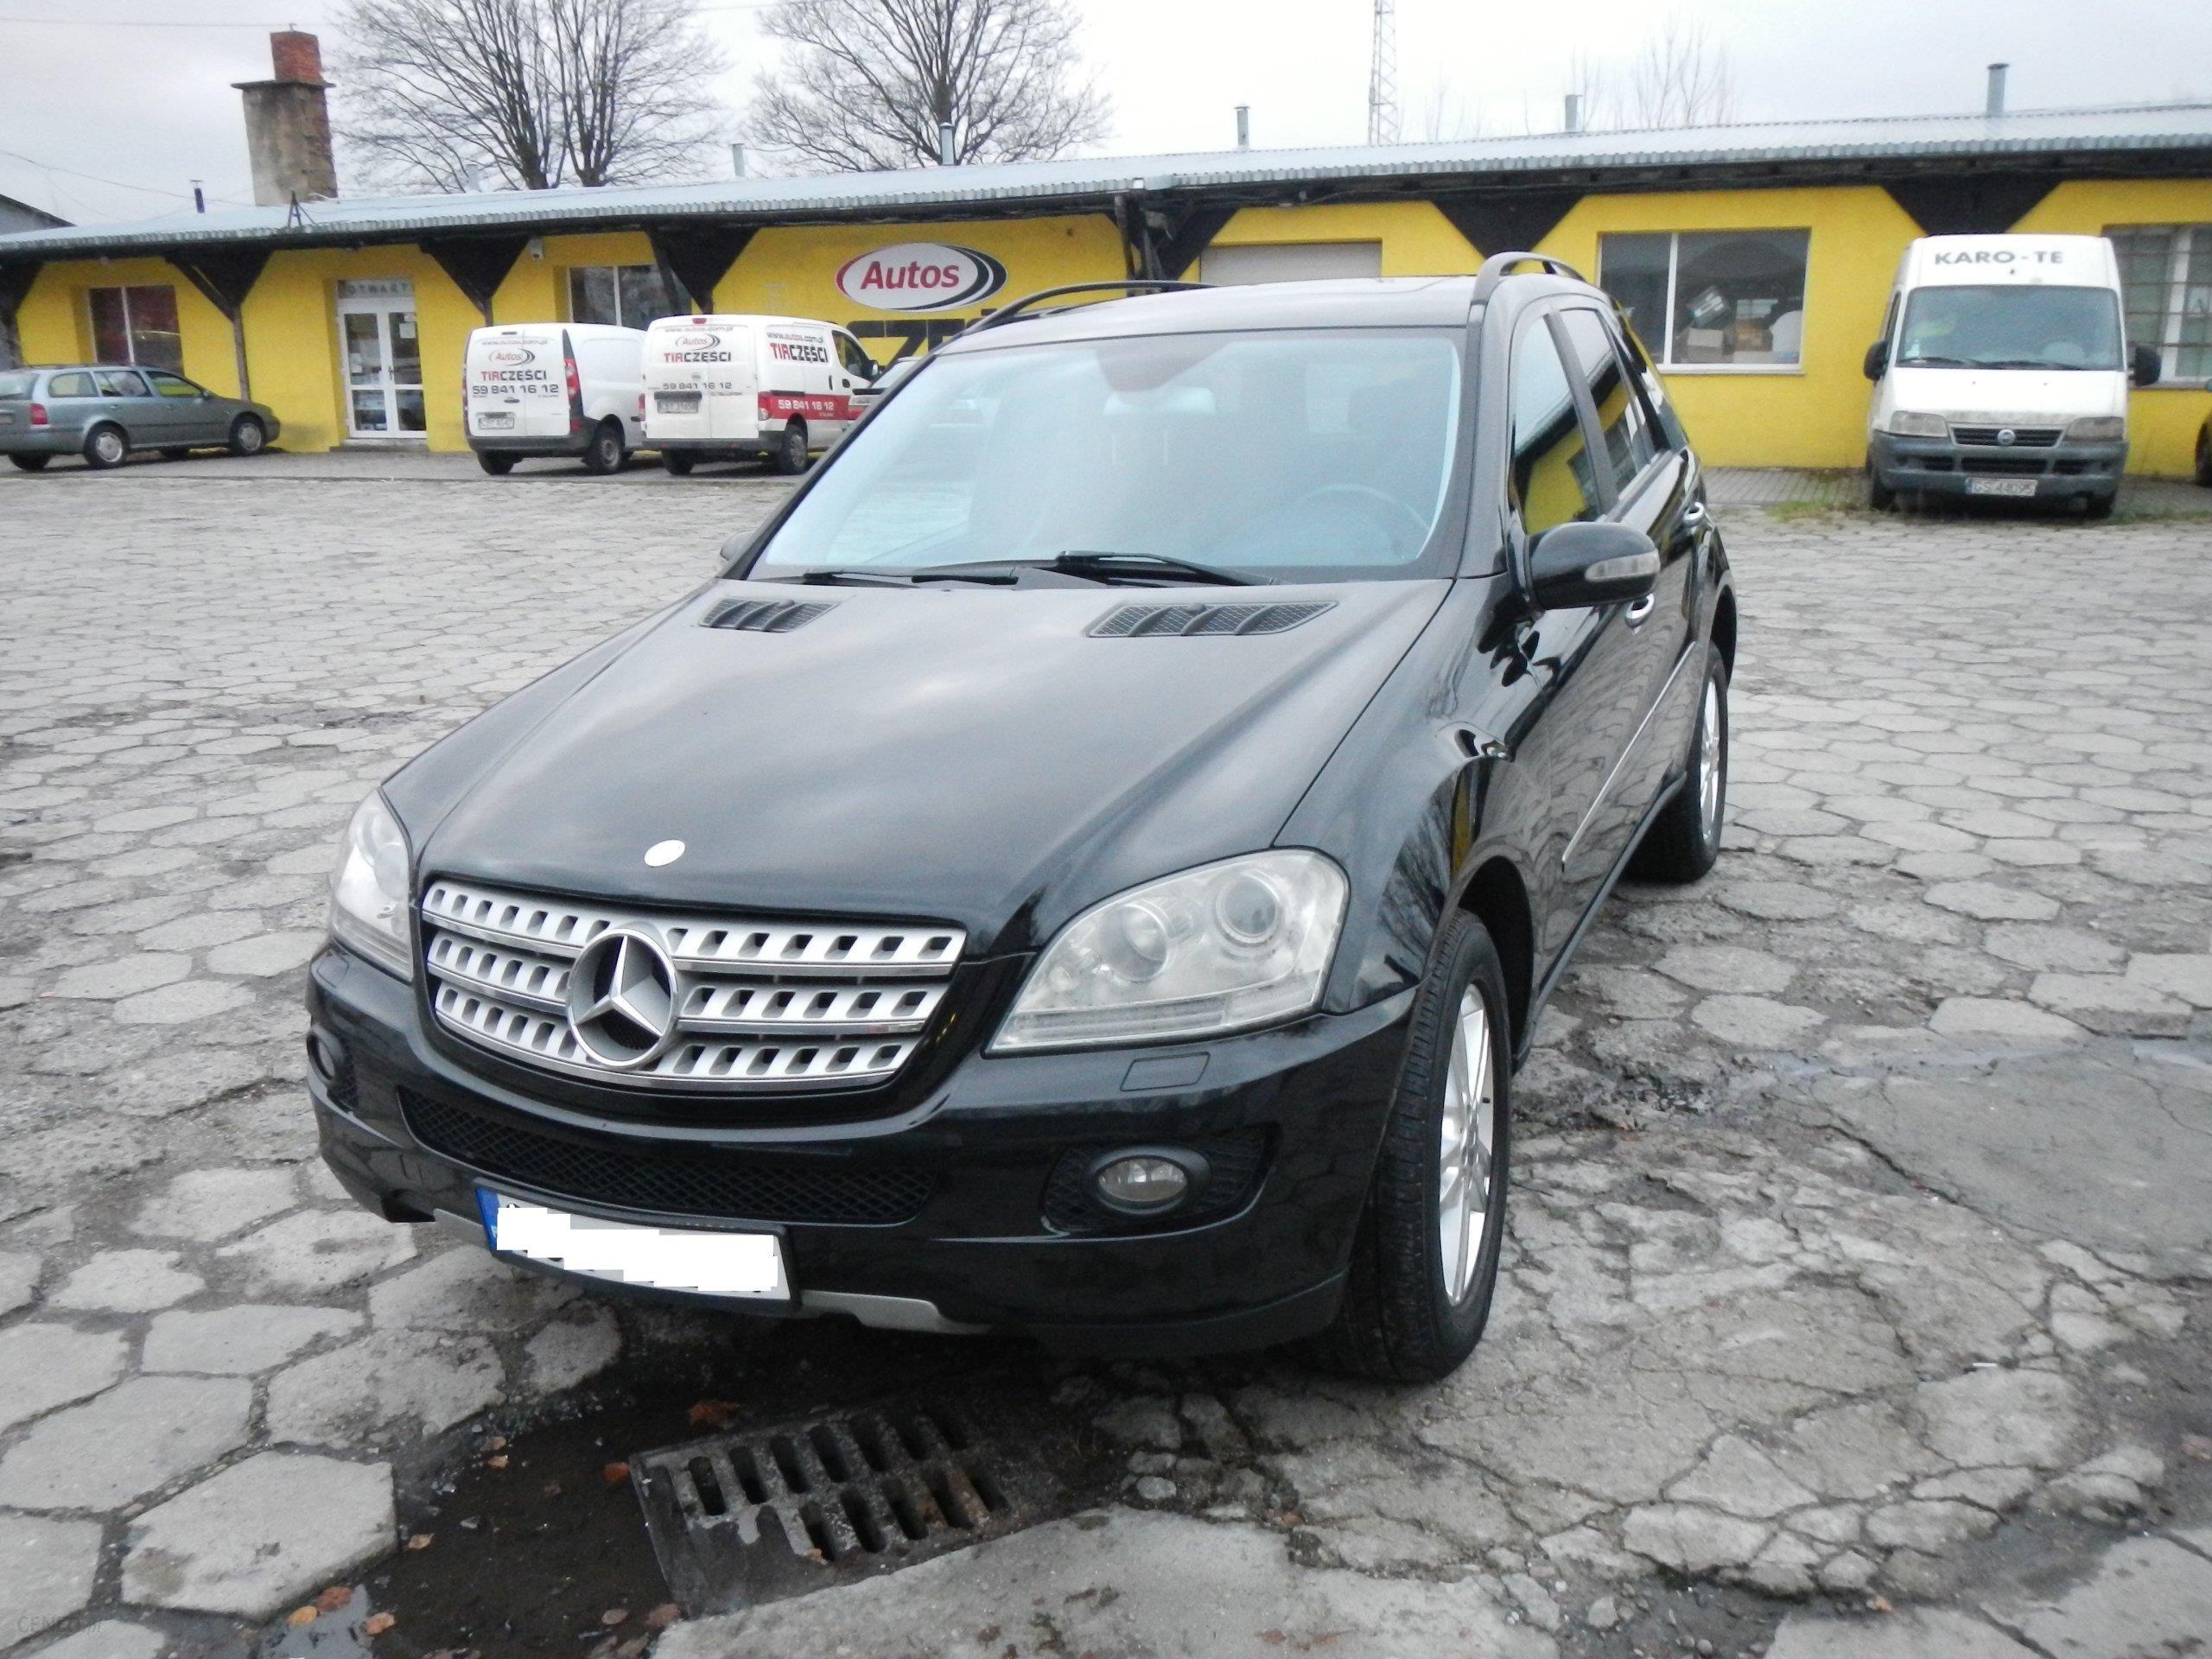 Mercedes Benz ML W164 2007 223KM czarny Opinie i ceny na Ceneo